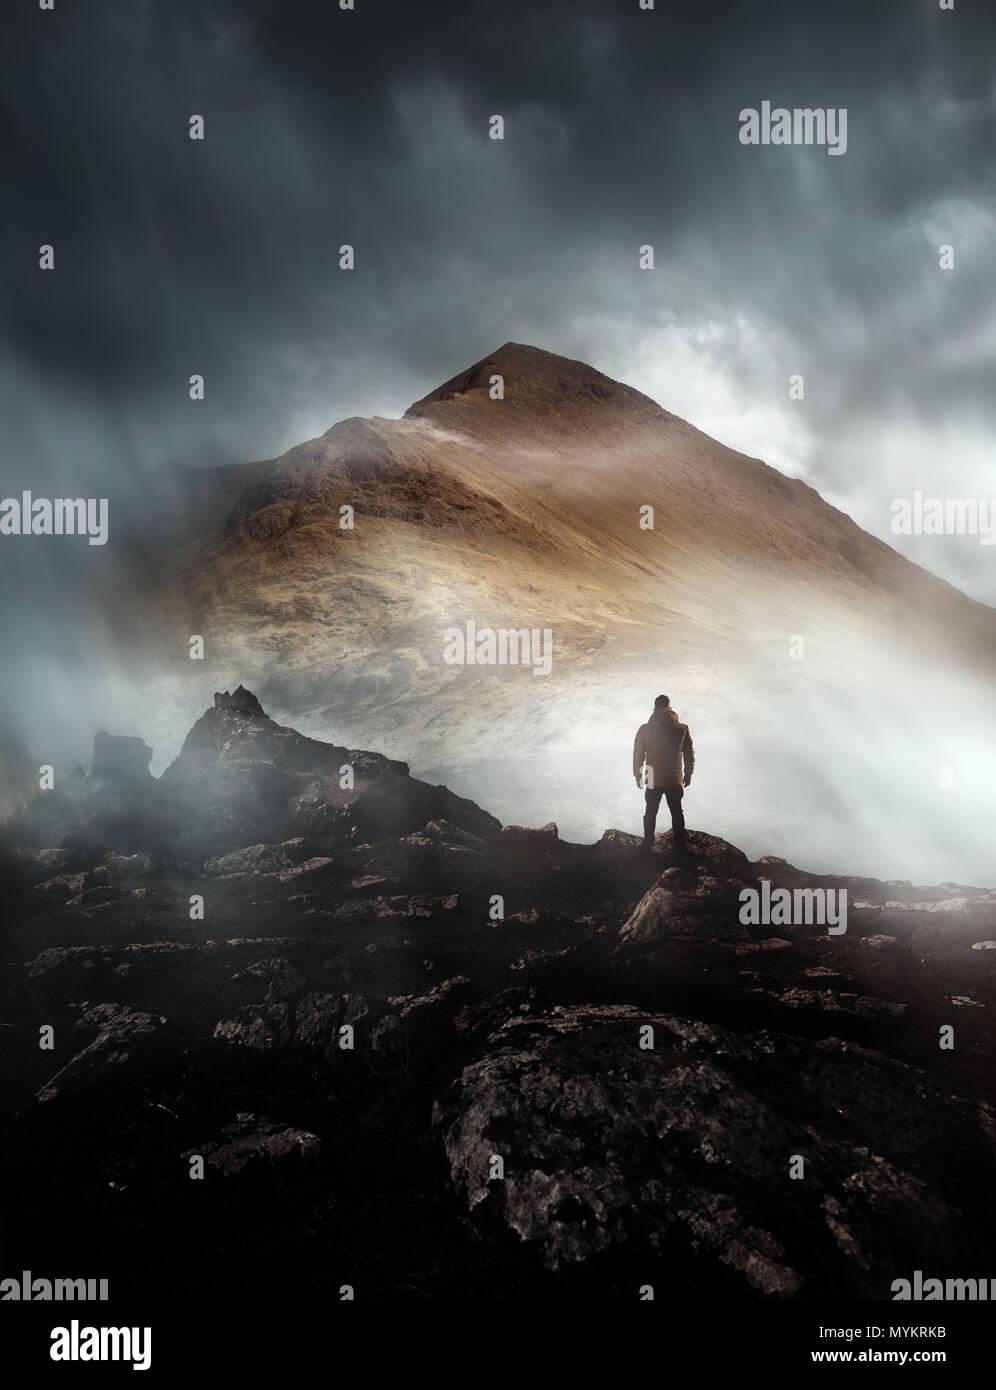 Eine Person Wandern sieht an einem Berg in Nebel und Wolken gehüllt mit der Spitze sichtbar. Malerische Landschaft Foto Composite. Stockbild